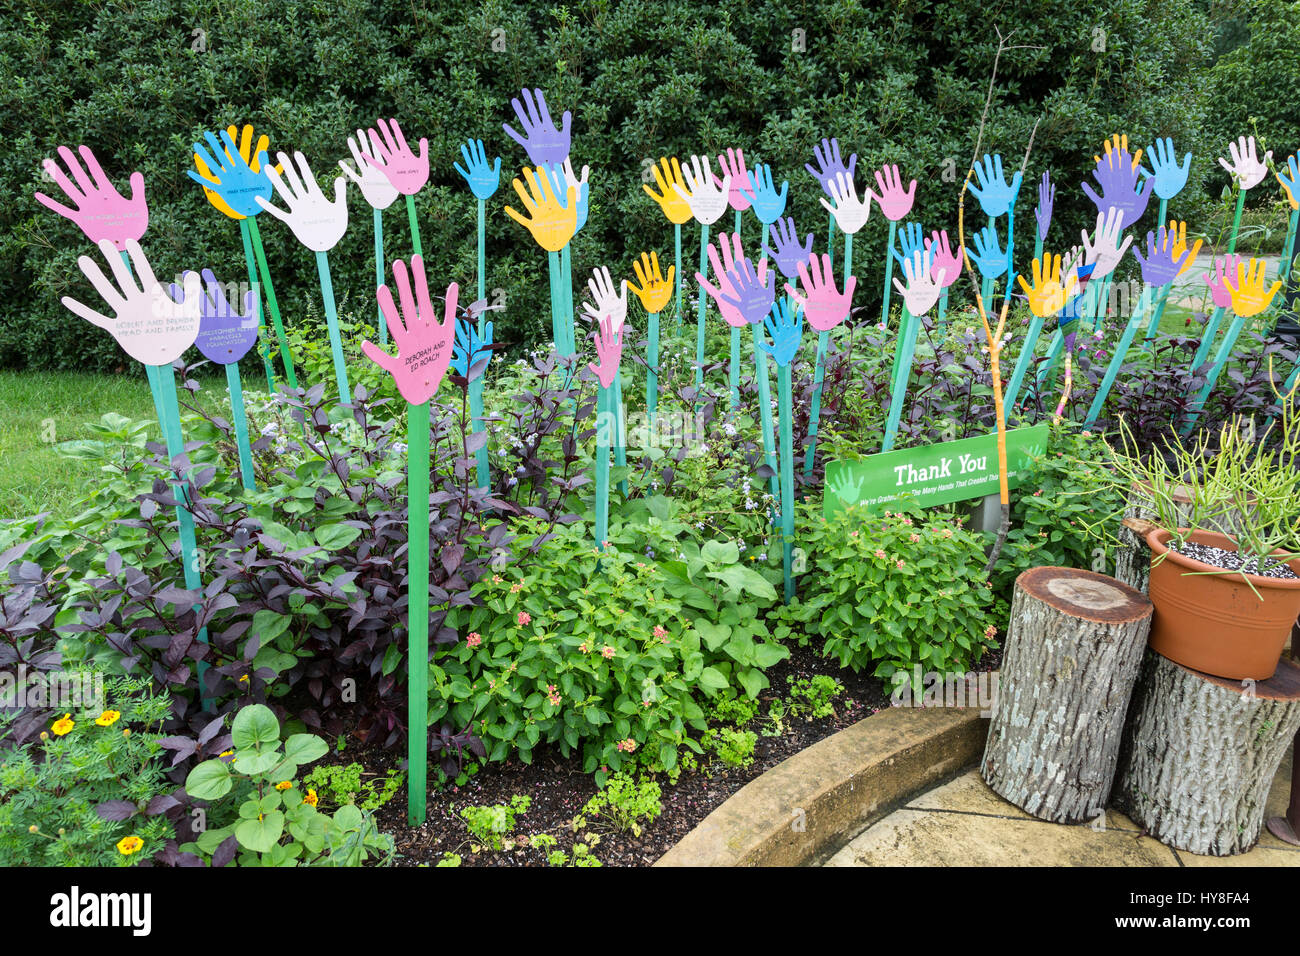 richmond, virginia. lewis ginter botanical garden, children's stock